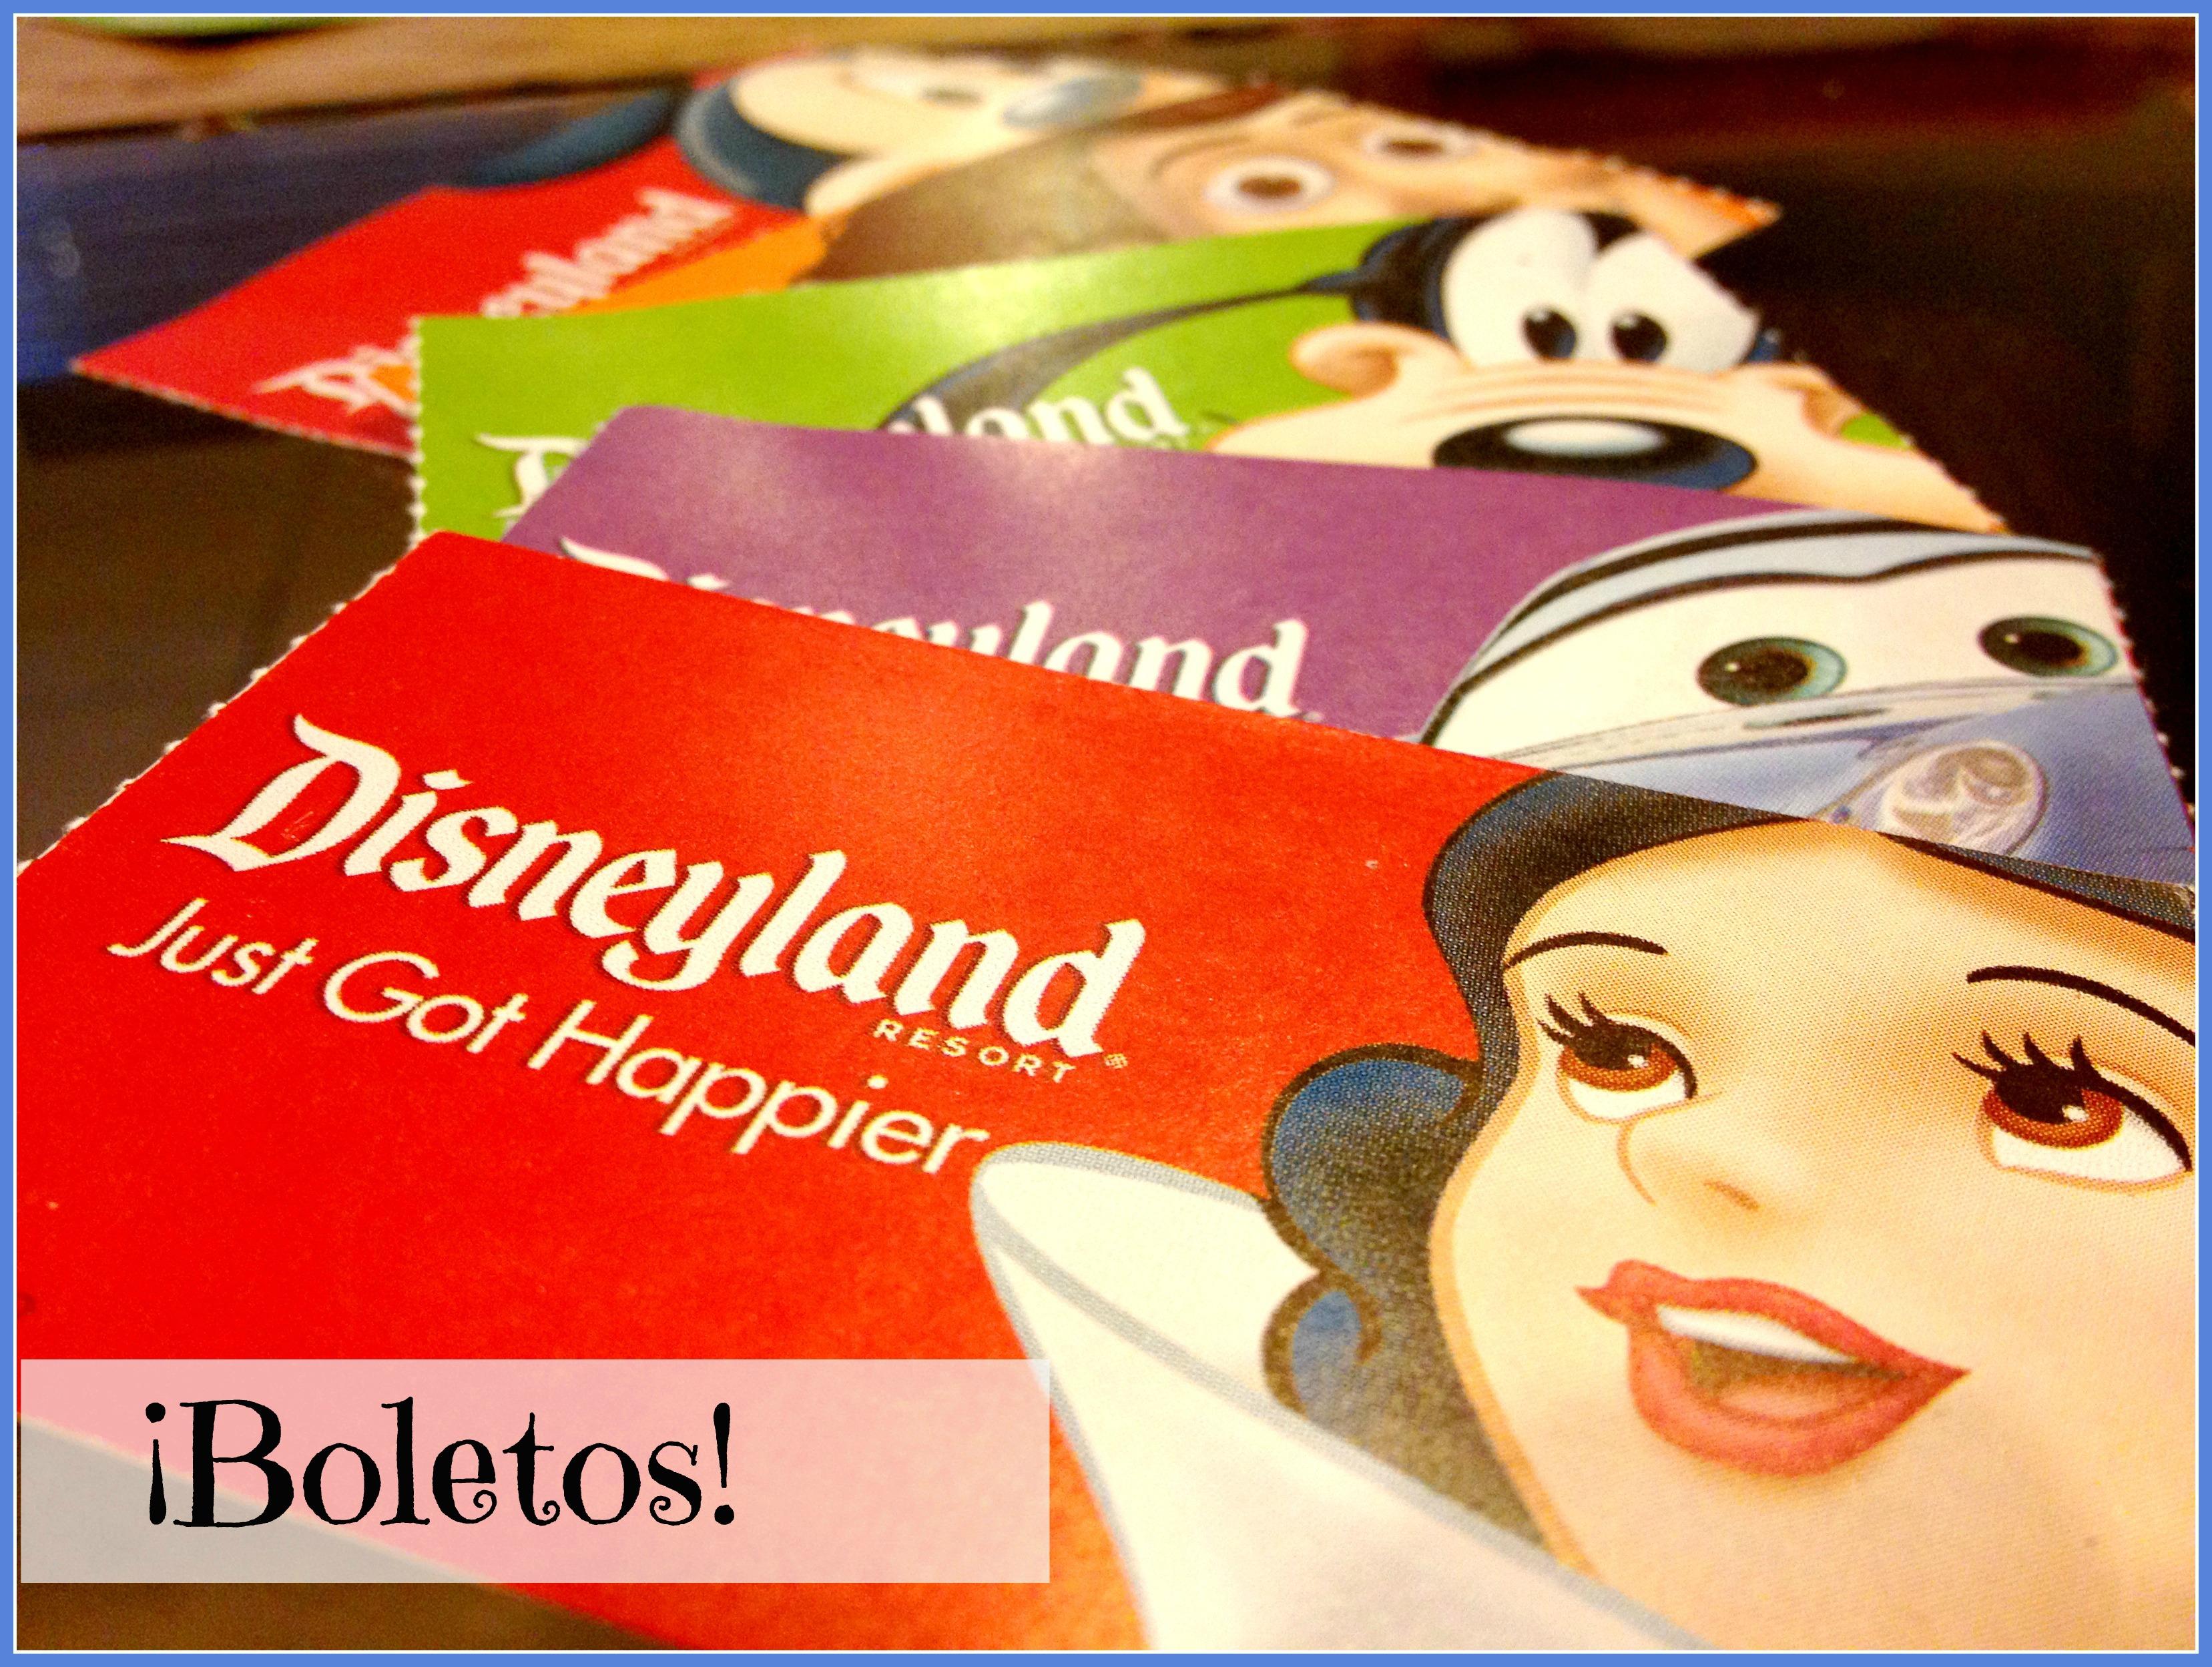 Cuánto cuestan los boletos para Disneylandia